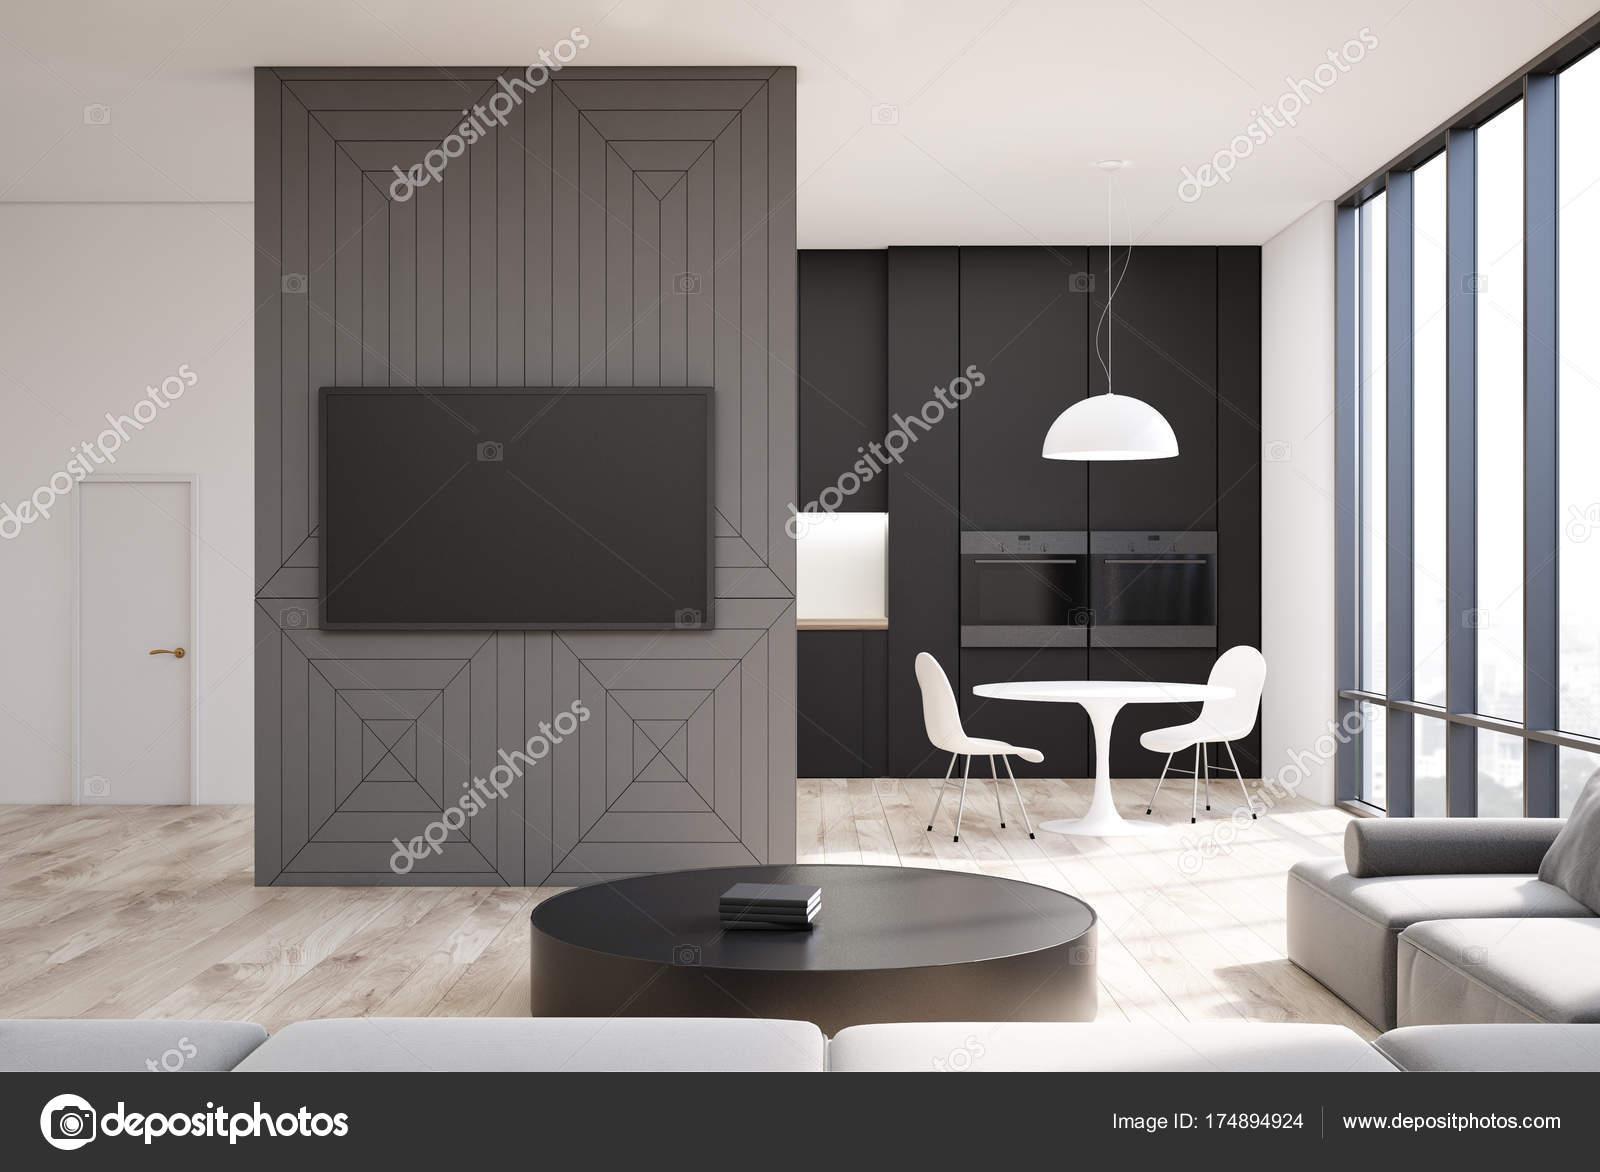 Graue Wohnzimmer Interieur, Farb-tv, Küche — Stockfoto ...